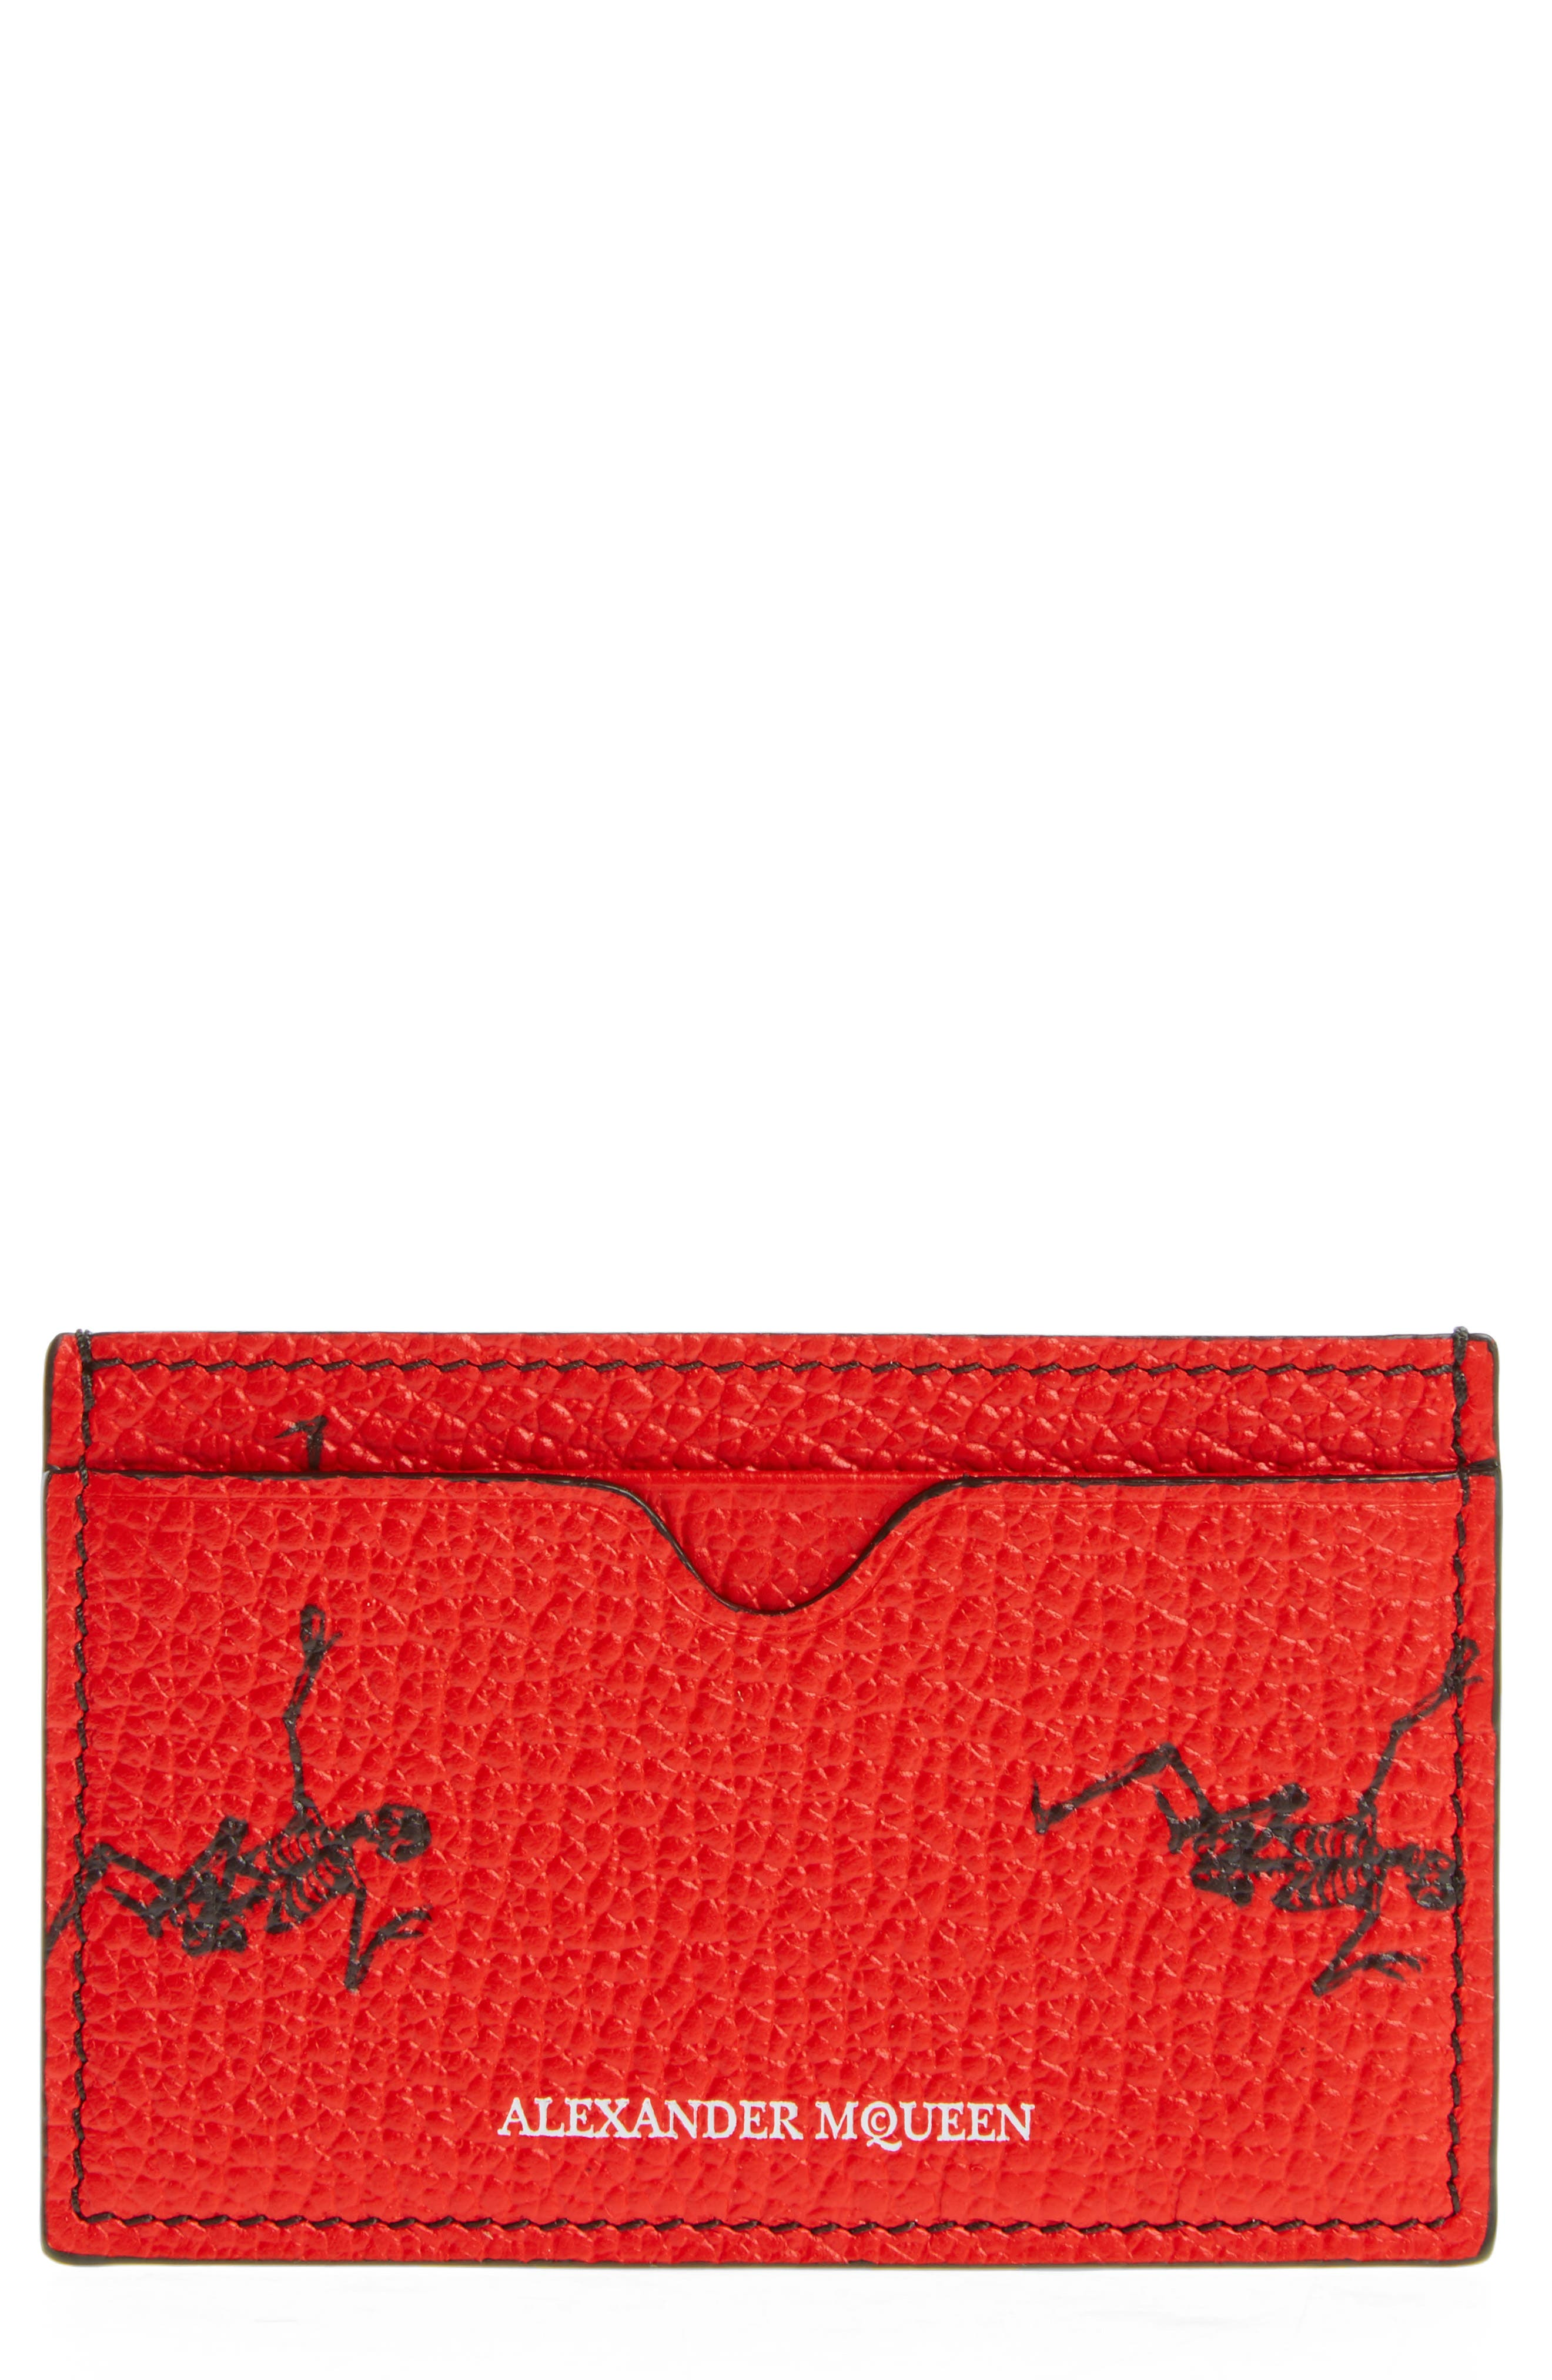 Dancing Skeleton Card Case,                         Main,                         color, Scarlet Red/ Black